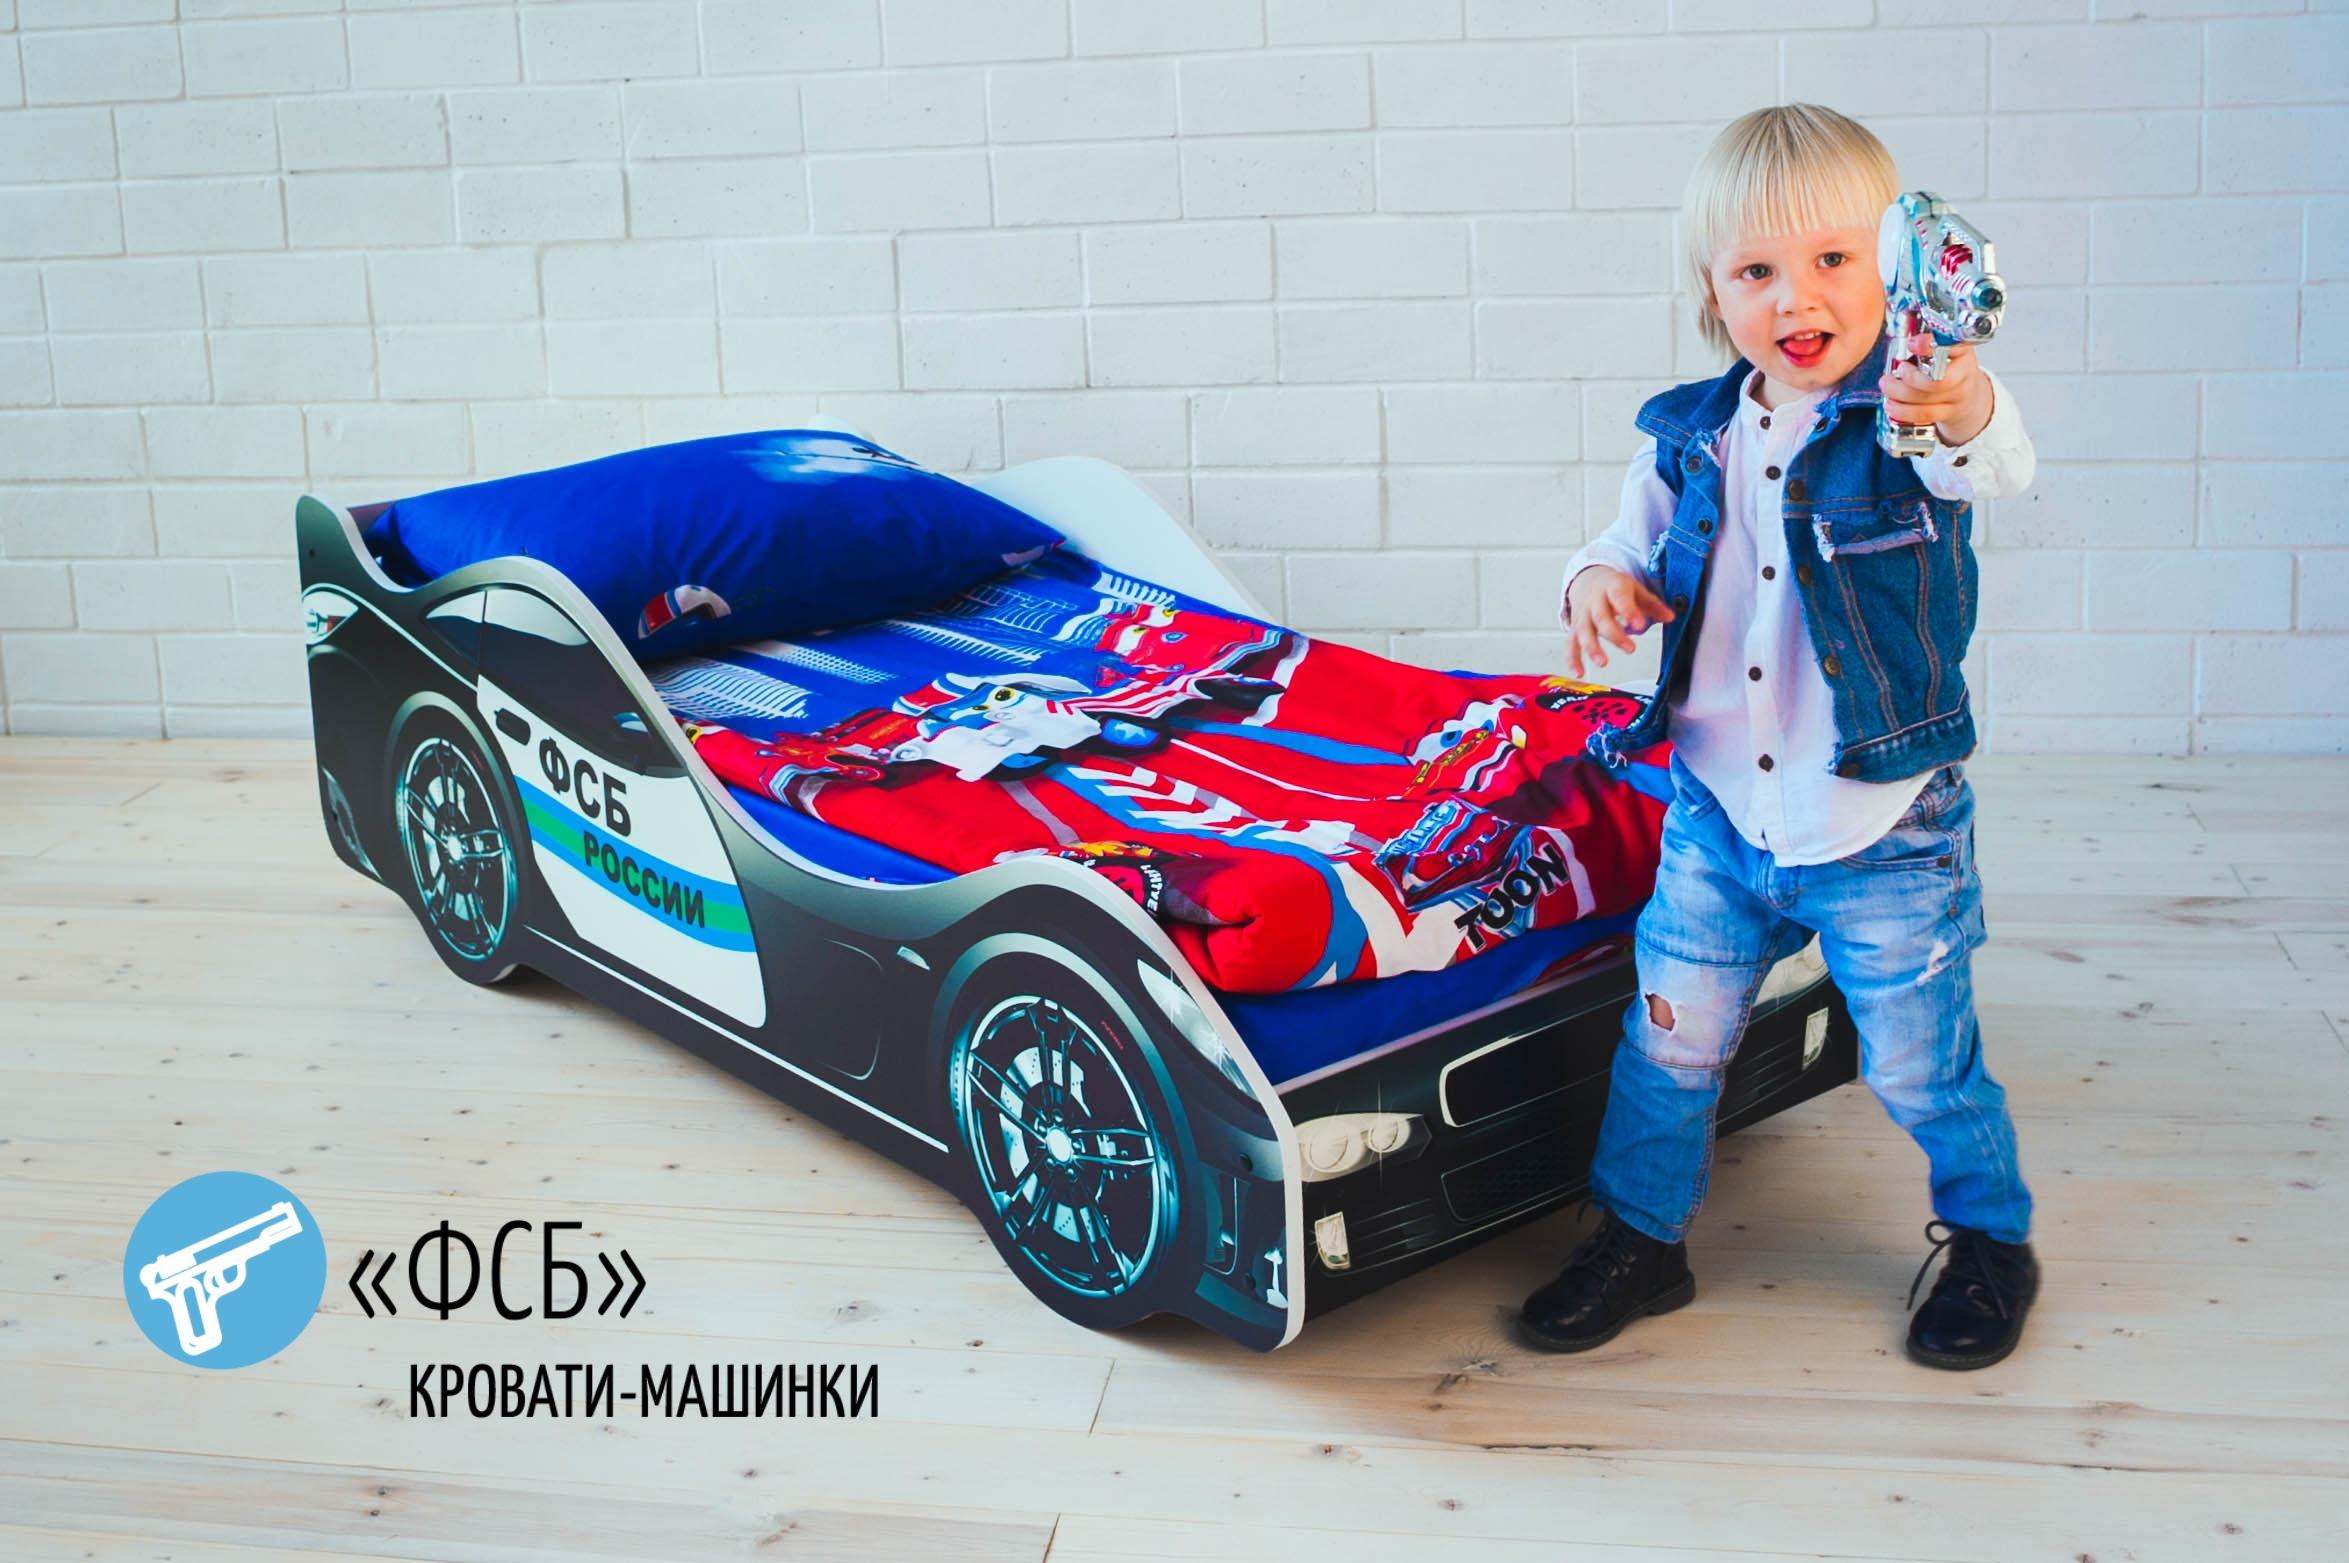 Детская кровать-машина -ФСБ-7